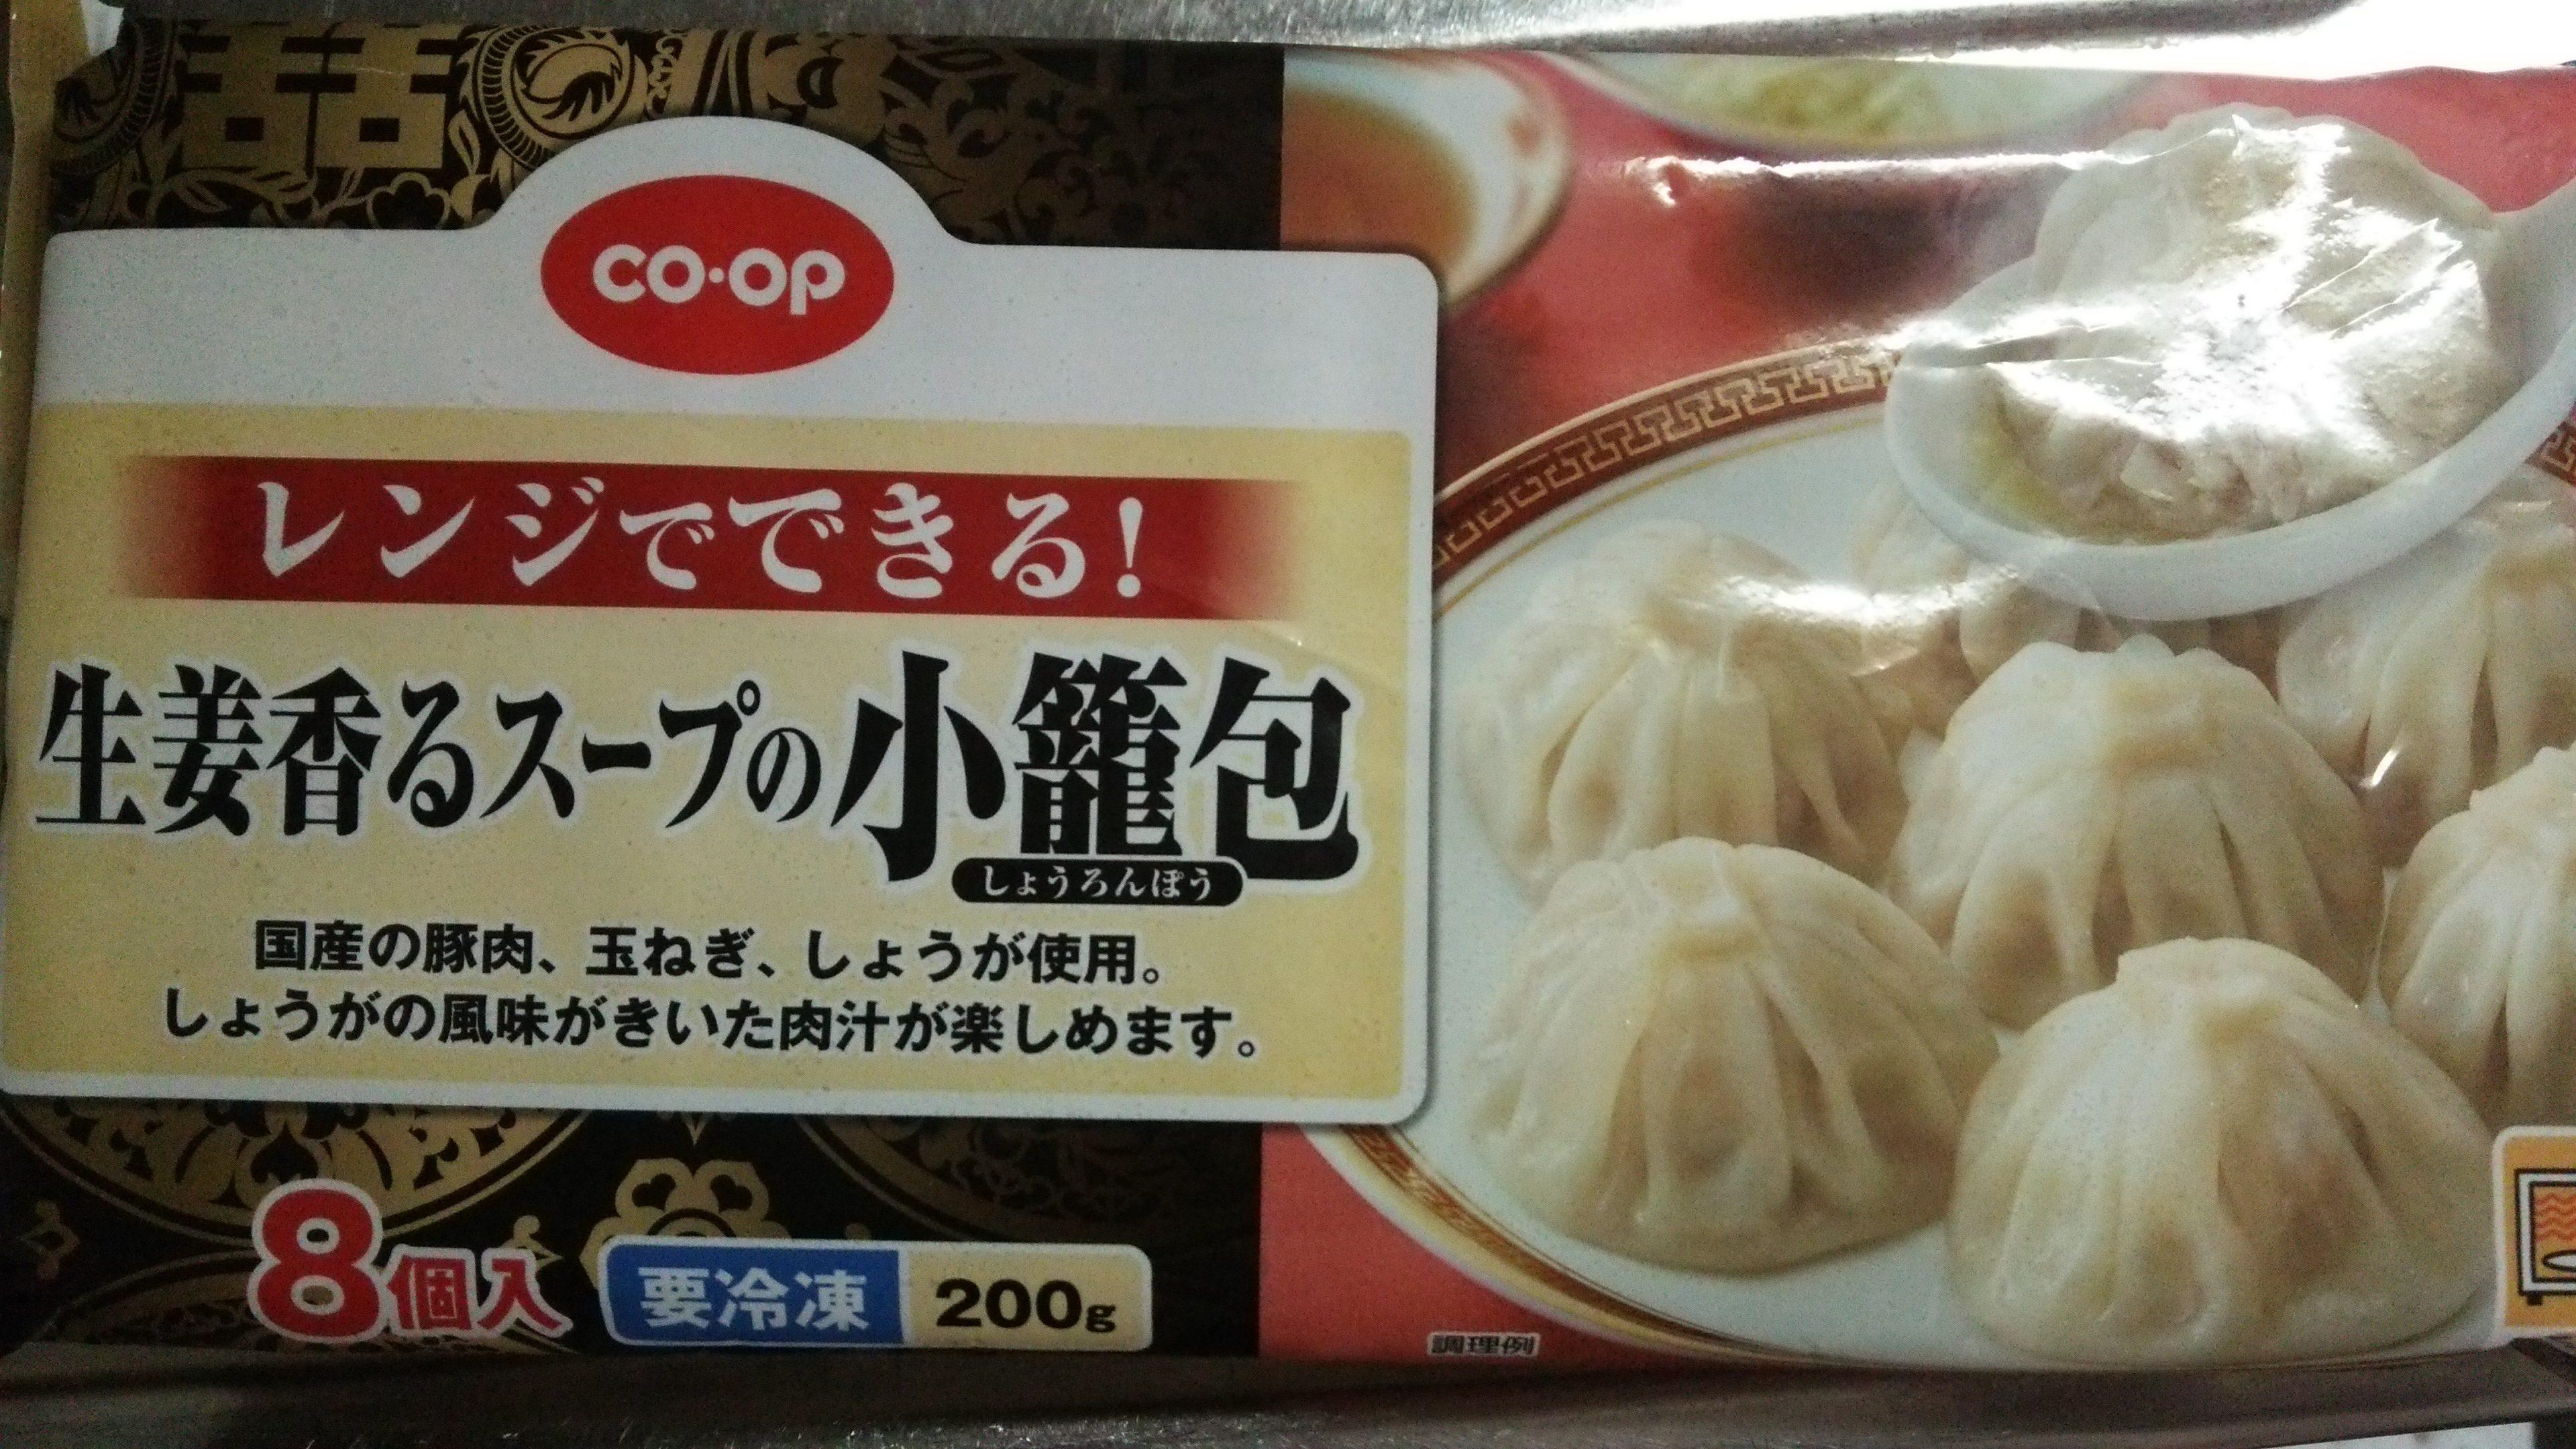 食材宅配コープデリで購入したの冷凍食品「生姜香るスープの小籠包」をお試ししてみました!